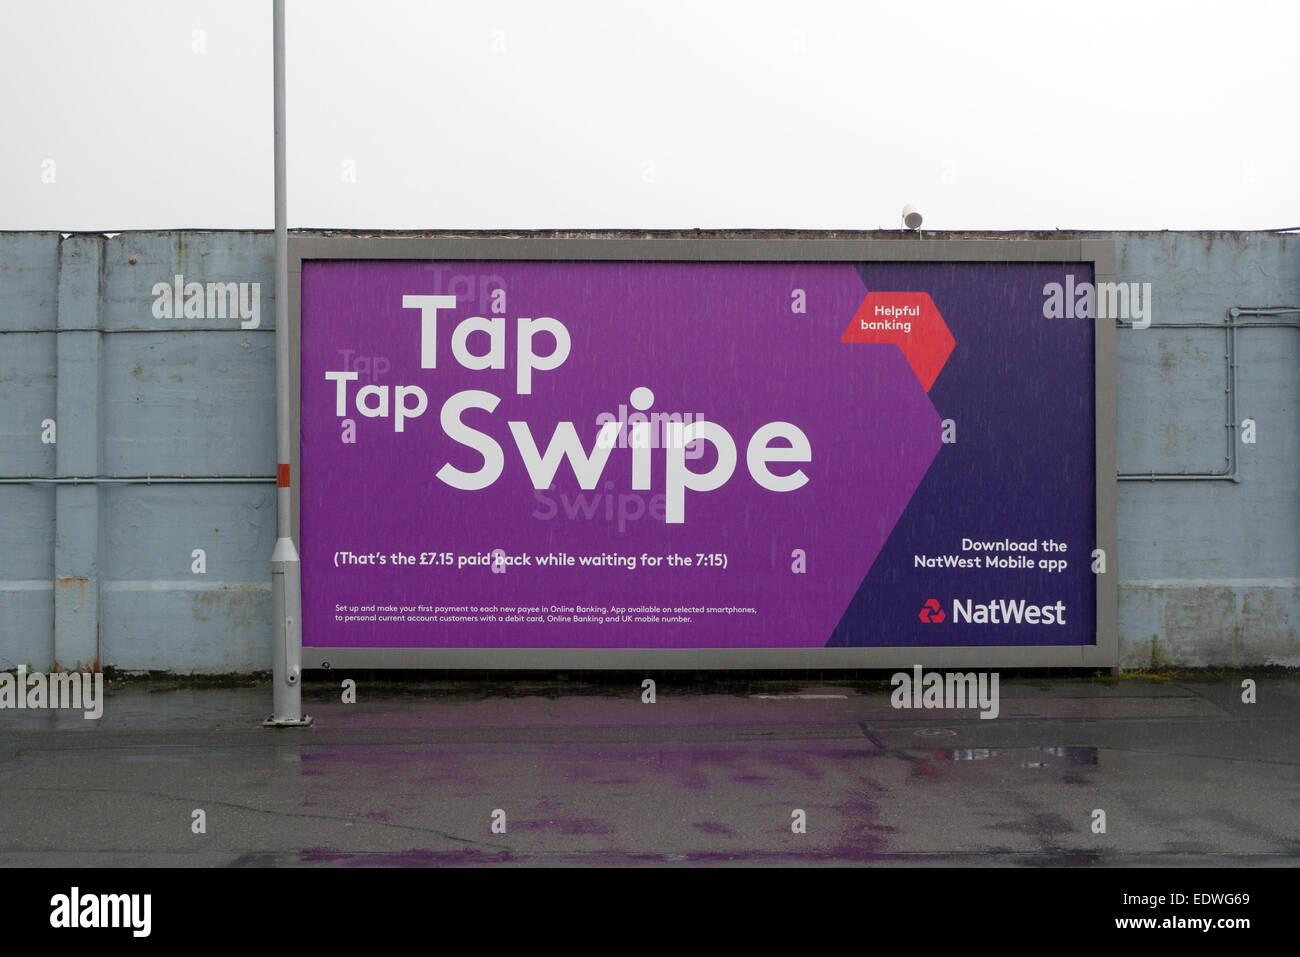 Tap Tap Swipe NatWest Bank Mobile Banking App advert